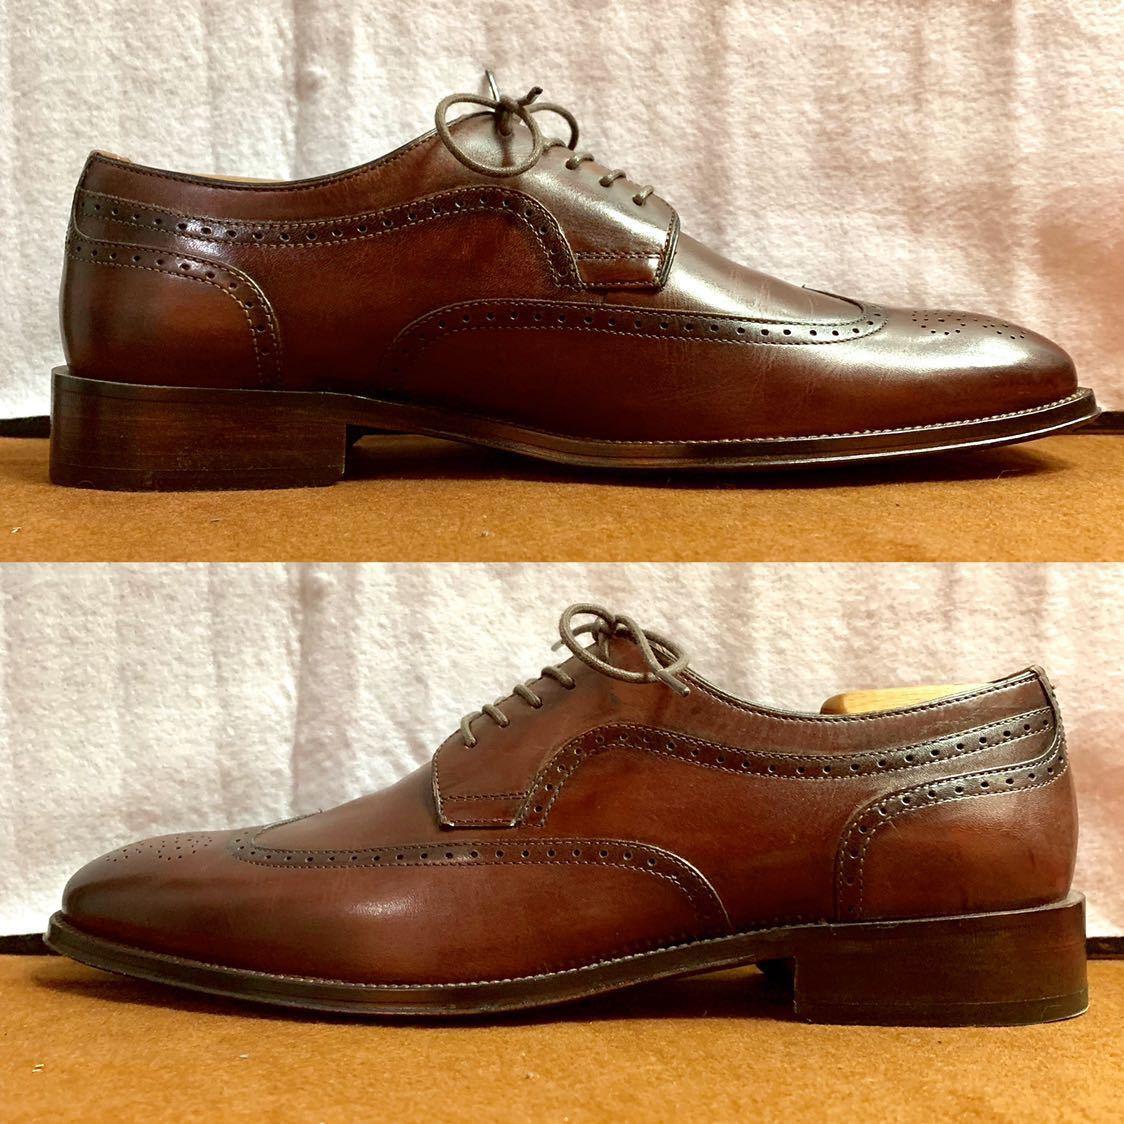 【未使用品】Johnston&Murphy ジョンストン&マーフィー ウイングチップ US 9 M 27cm相応 赤茶 革靴 アメリカ靴_画像8